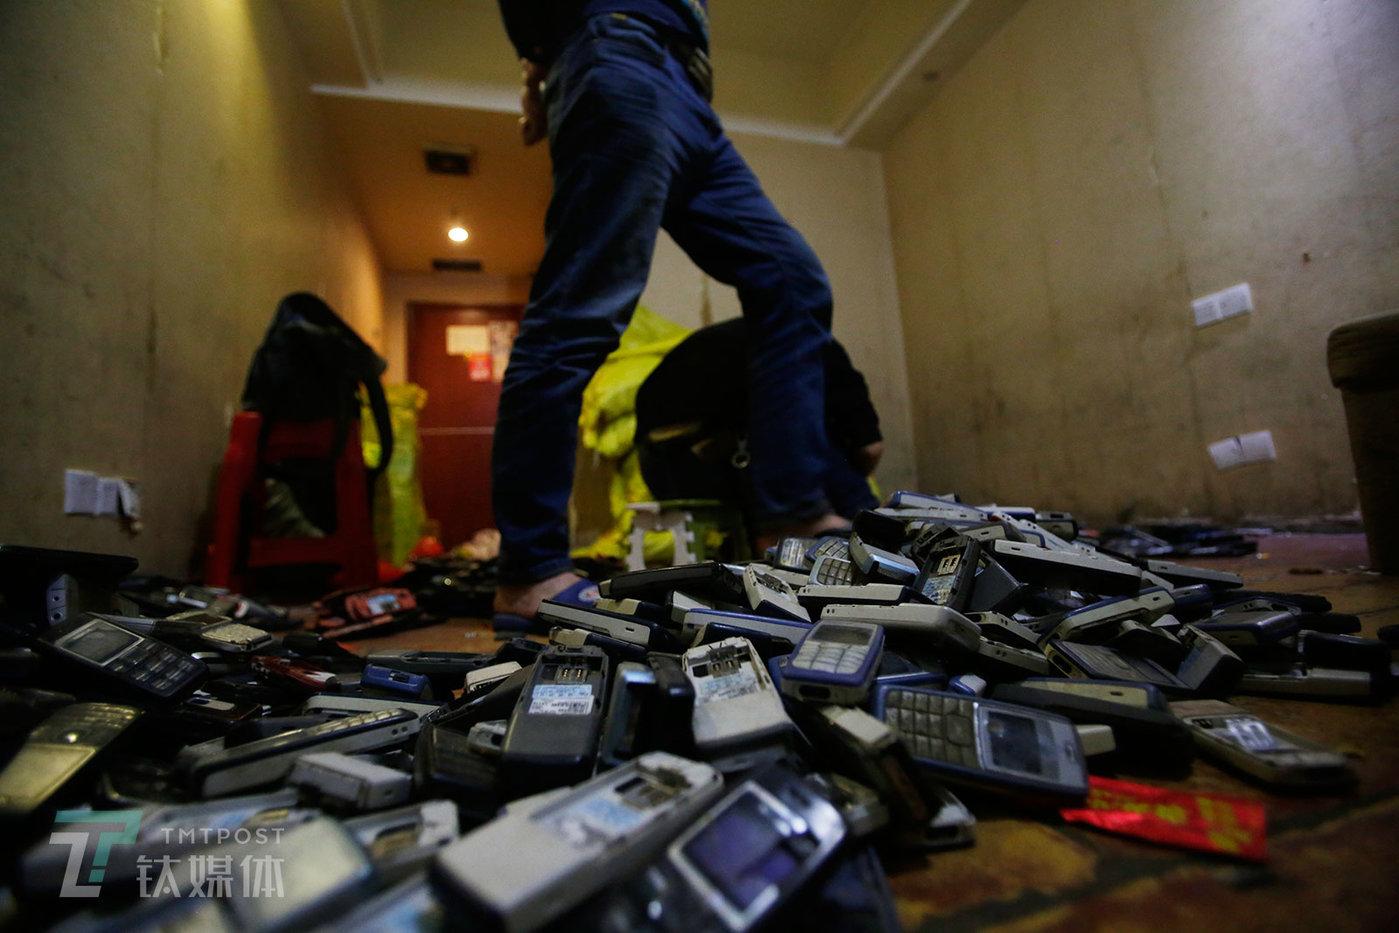 一批等待清点的2g诺基亚手机。